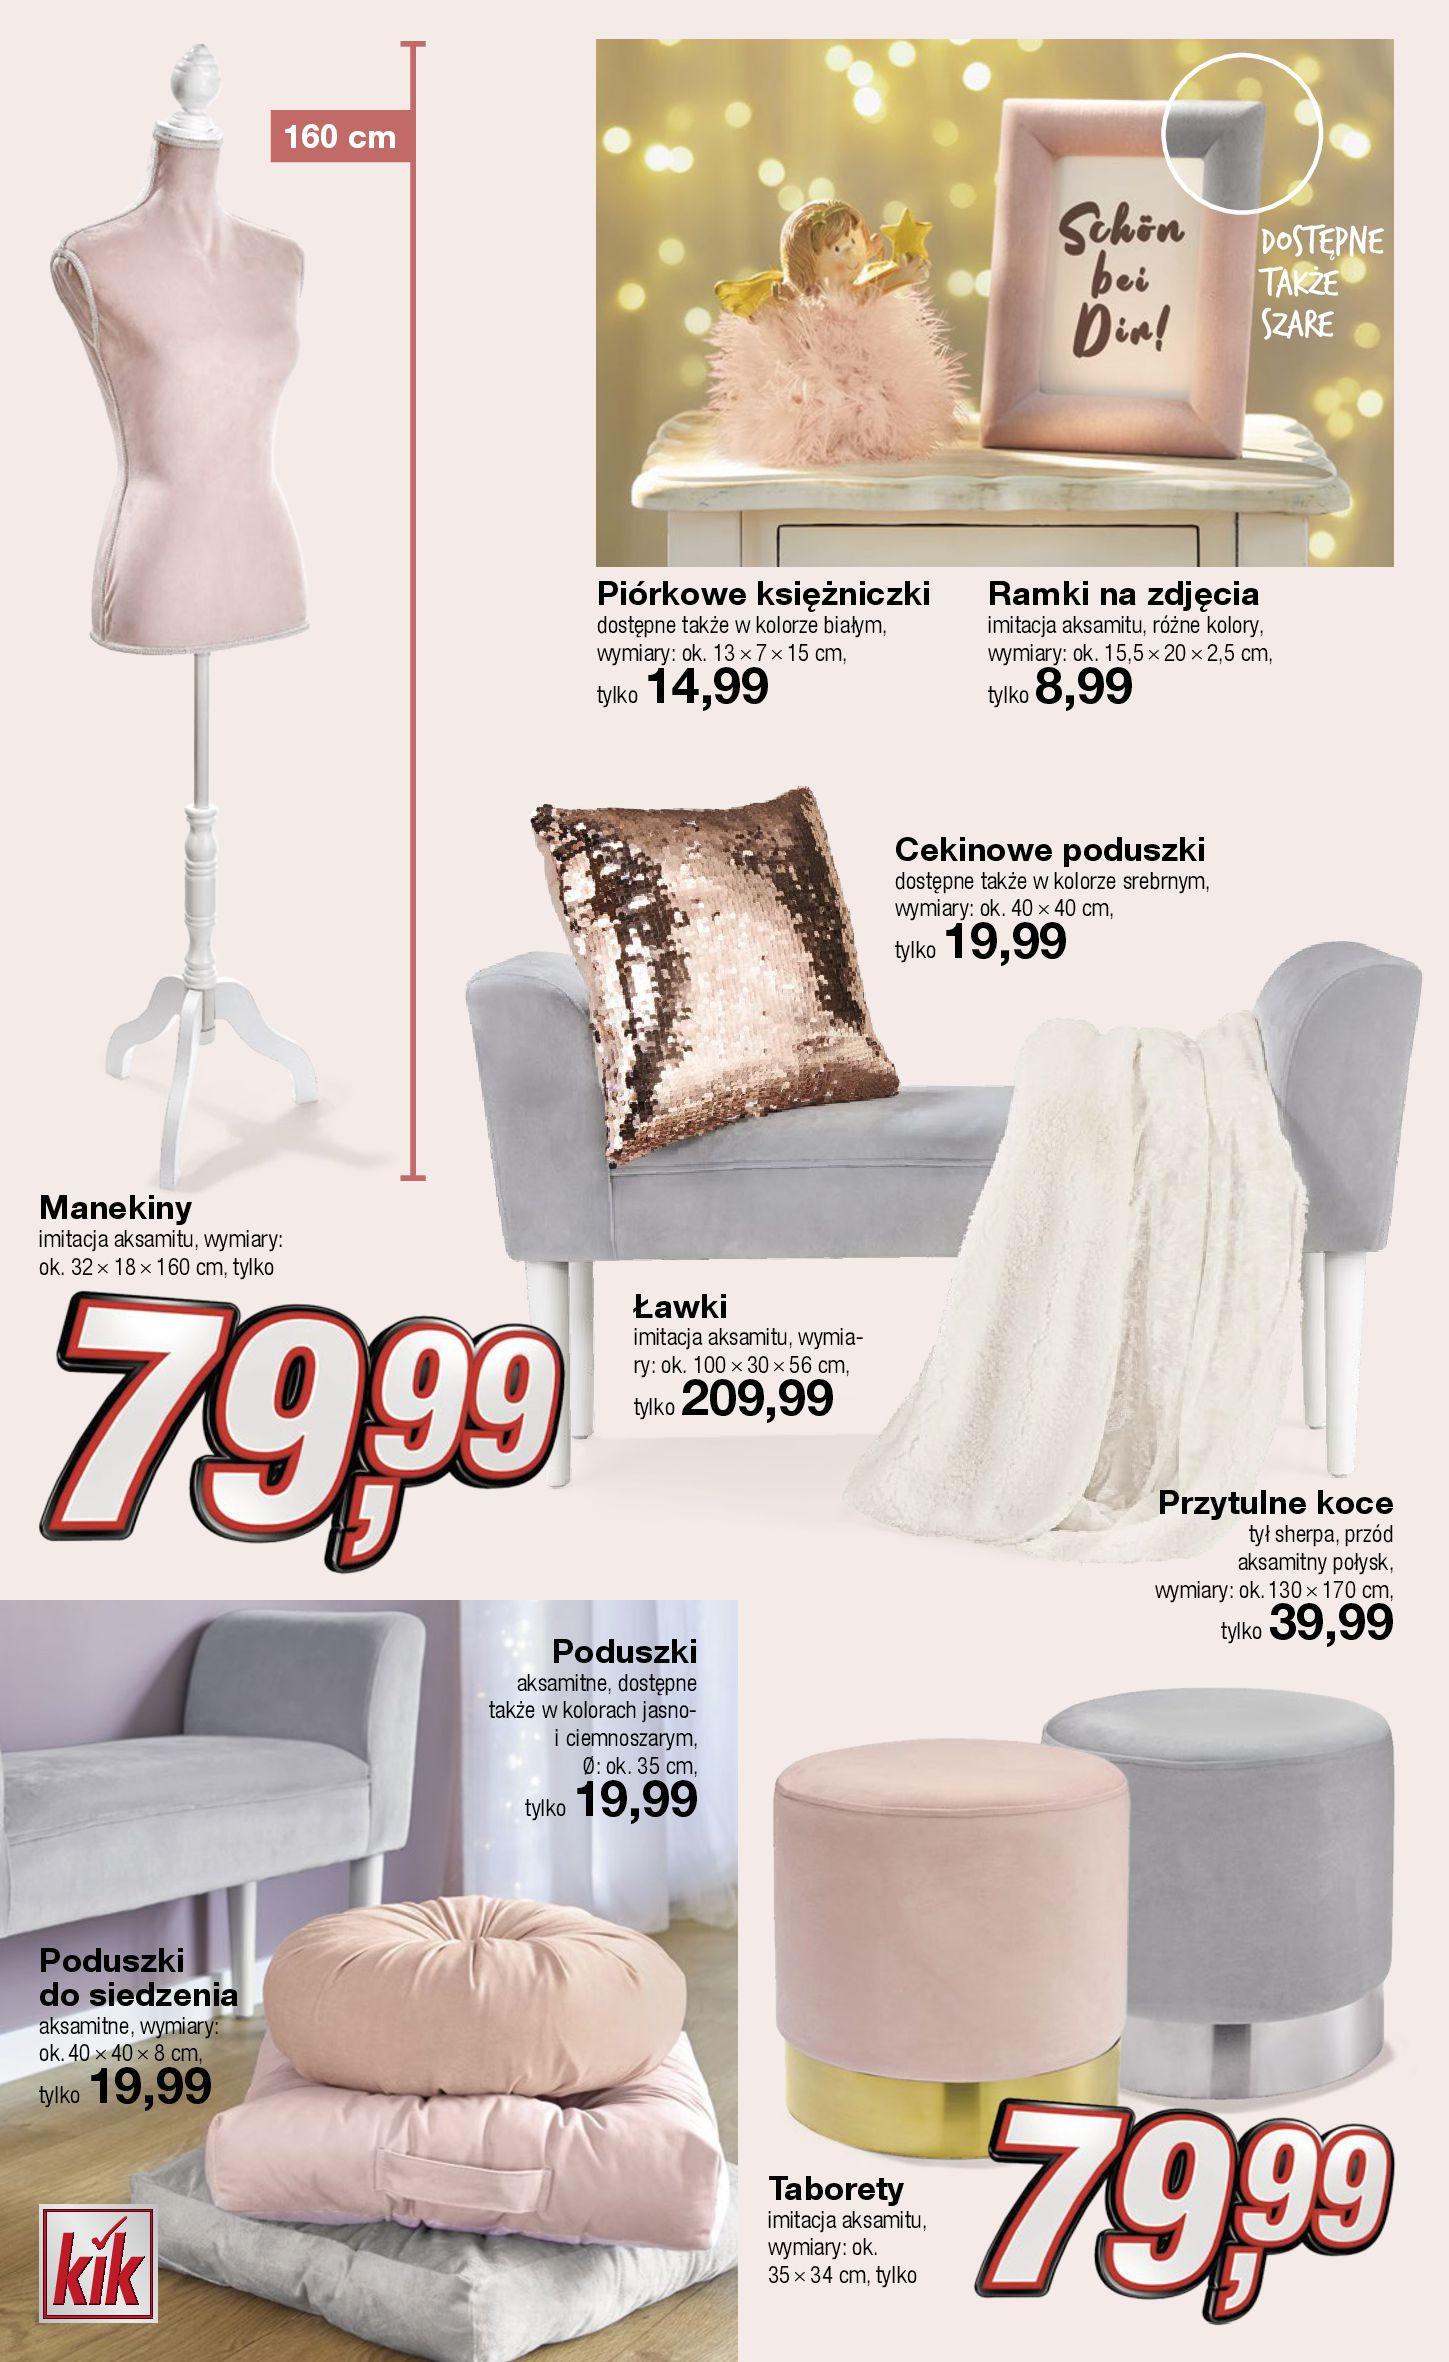 Gazetka KiK - Oferta na odzież i dekoracje-12.11.2019-13.12.2019-page-12